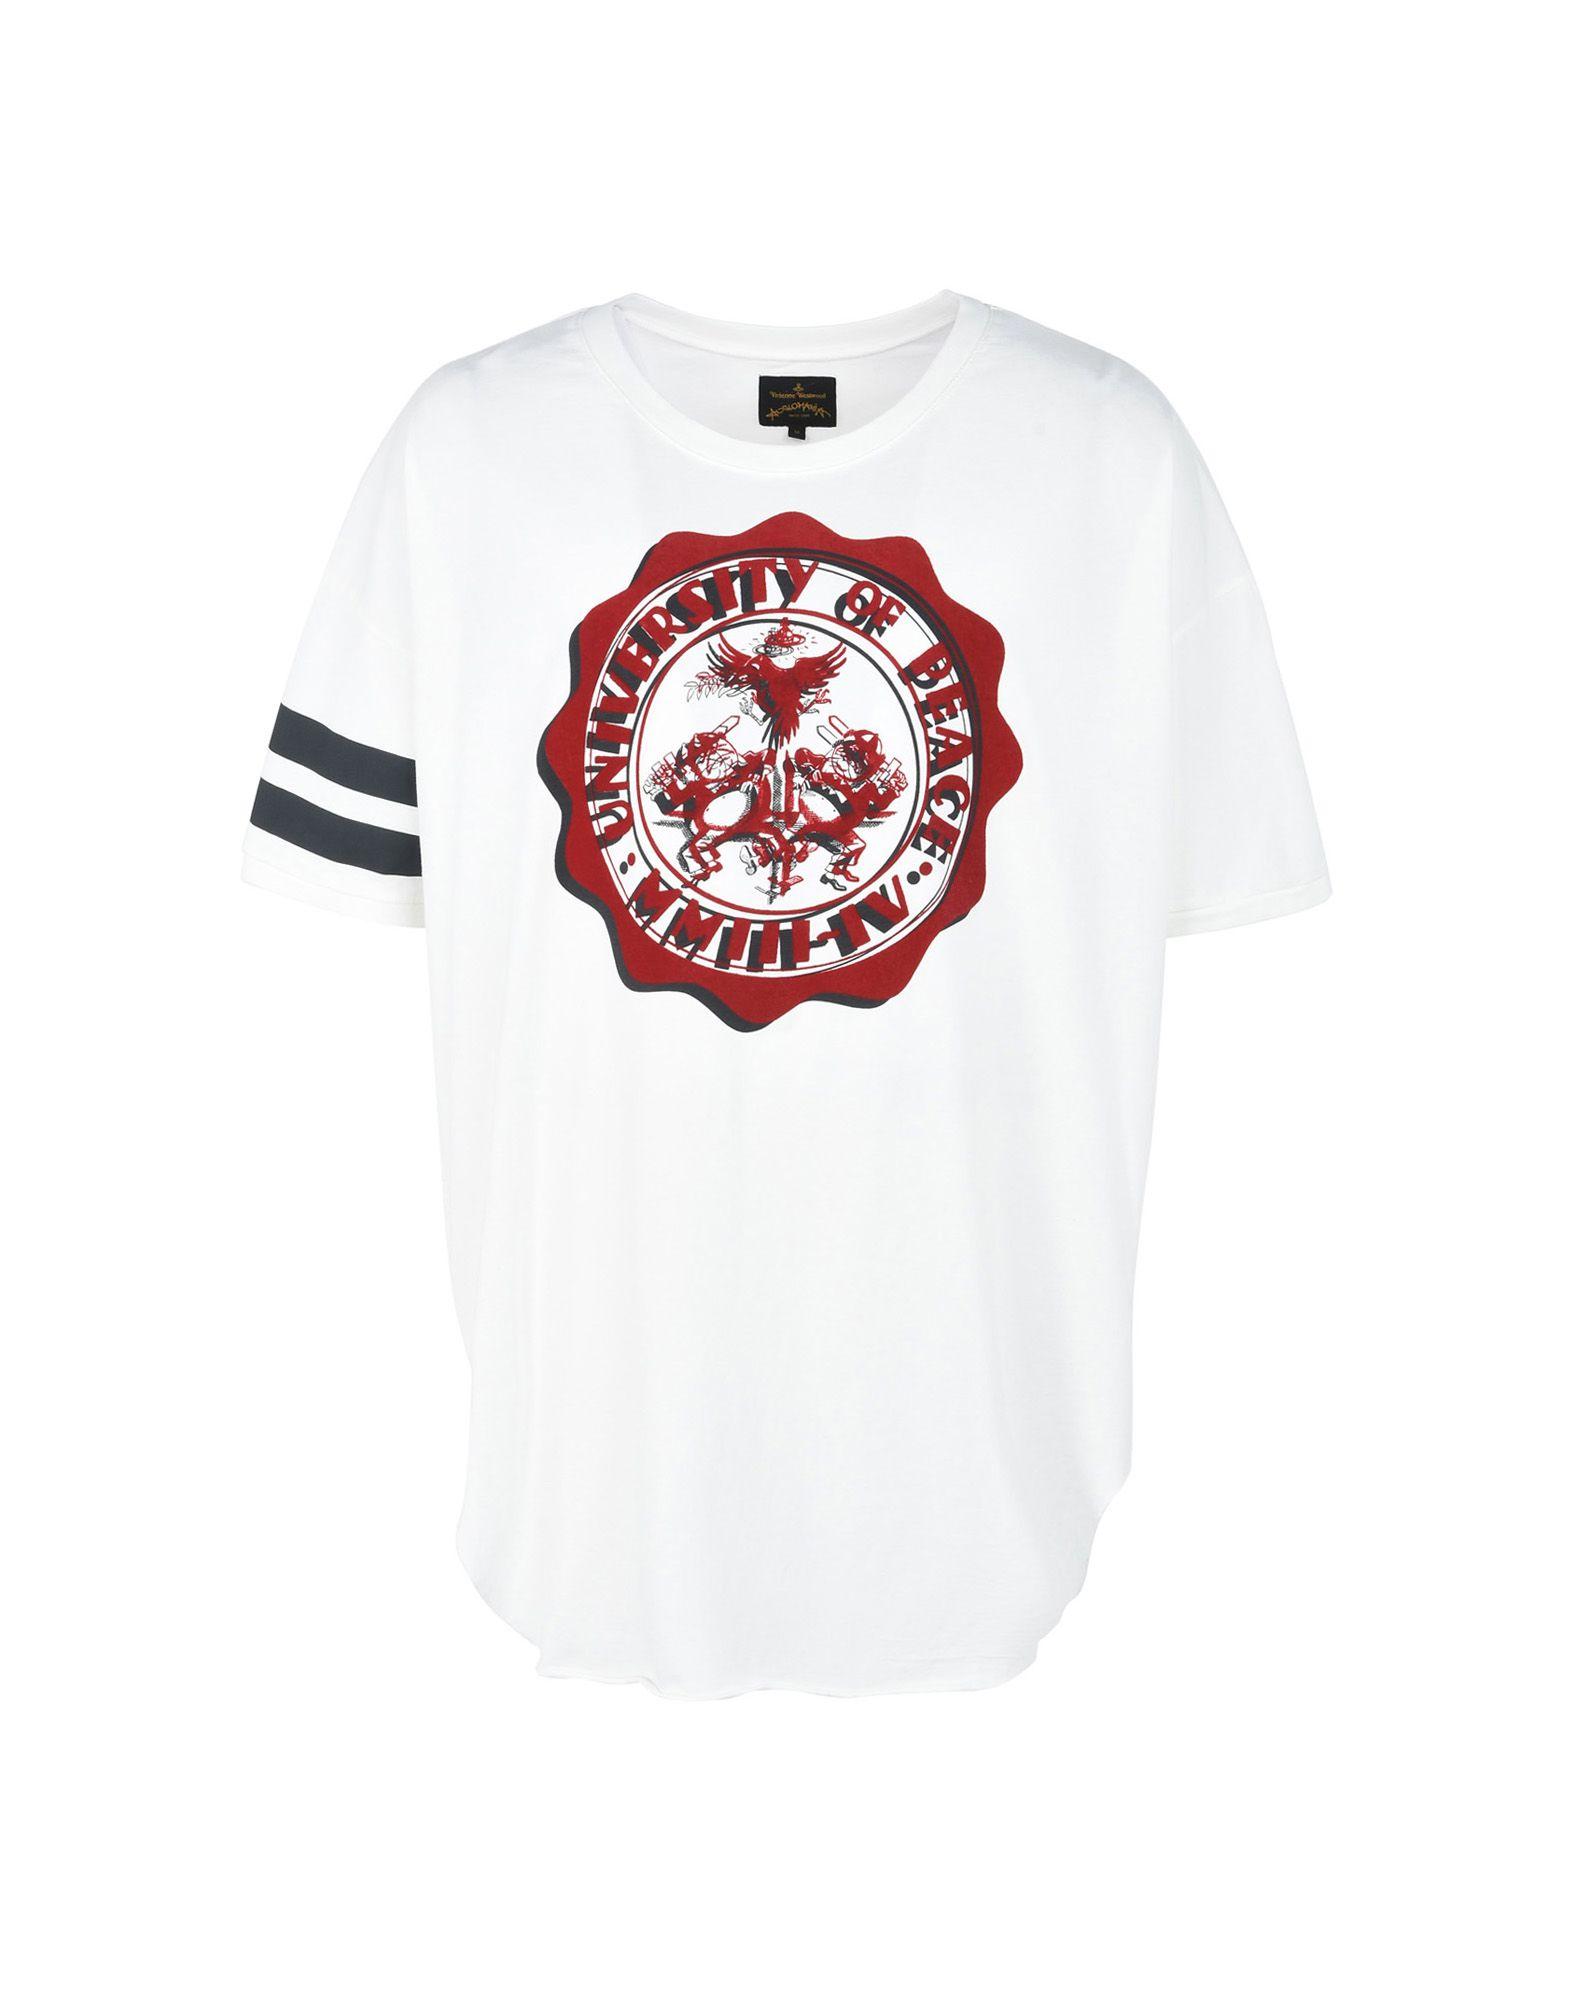 T-Shirt Vivienne Vivienne T-Shirt Westwood Anglomania Nuovo Borsagy T-Shirt University Of Peace Print - Uomo - 12103439US d46dec